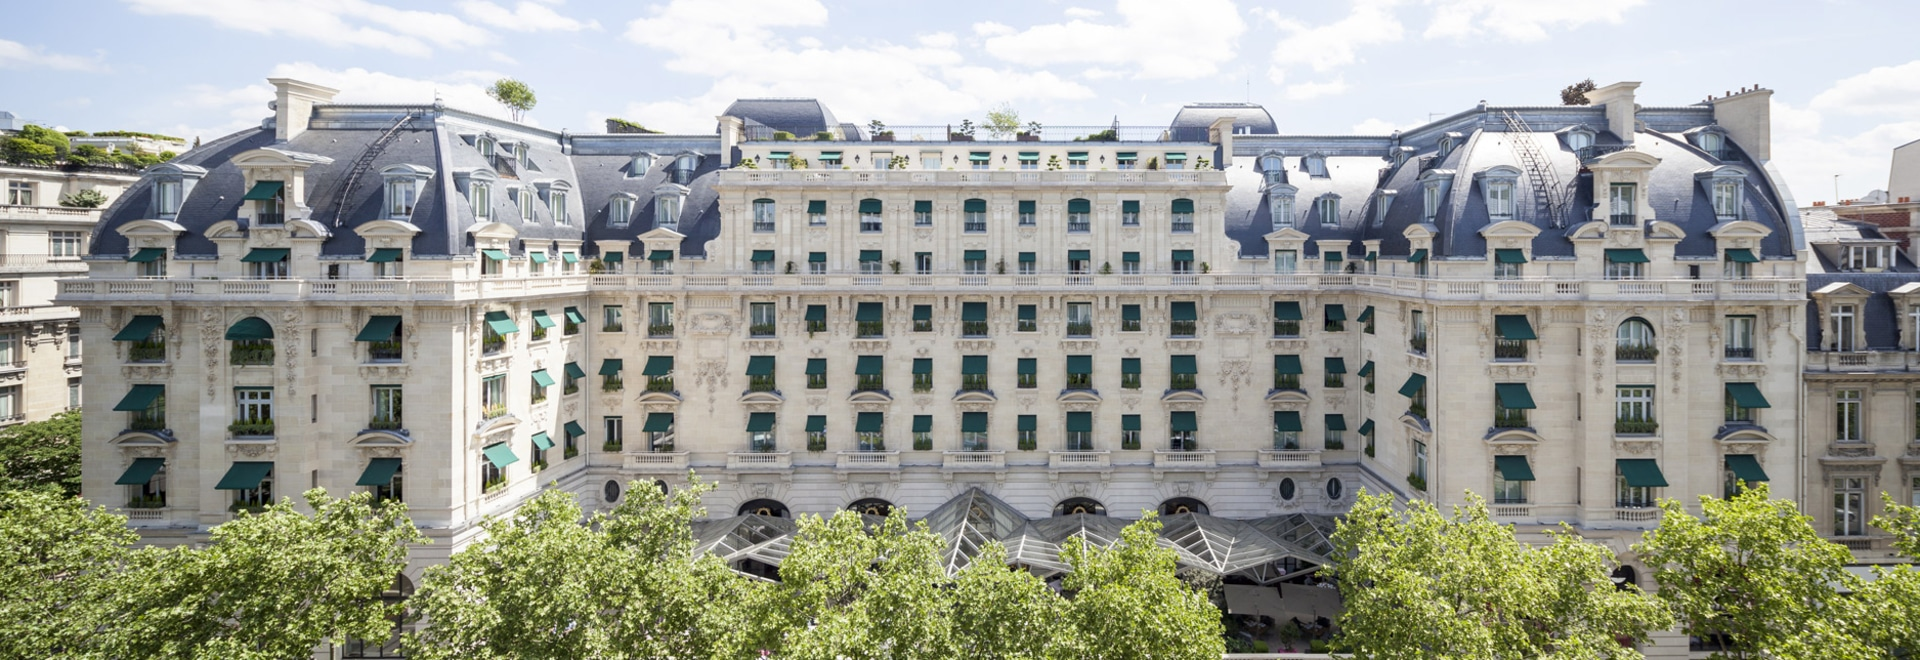 Hotel París de la península